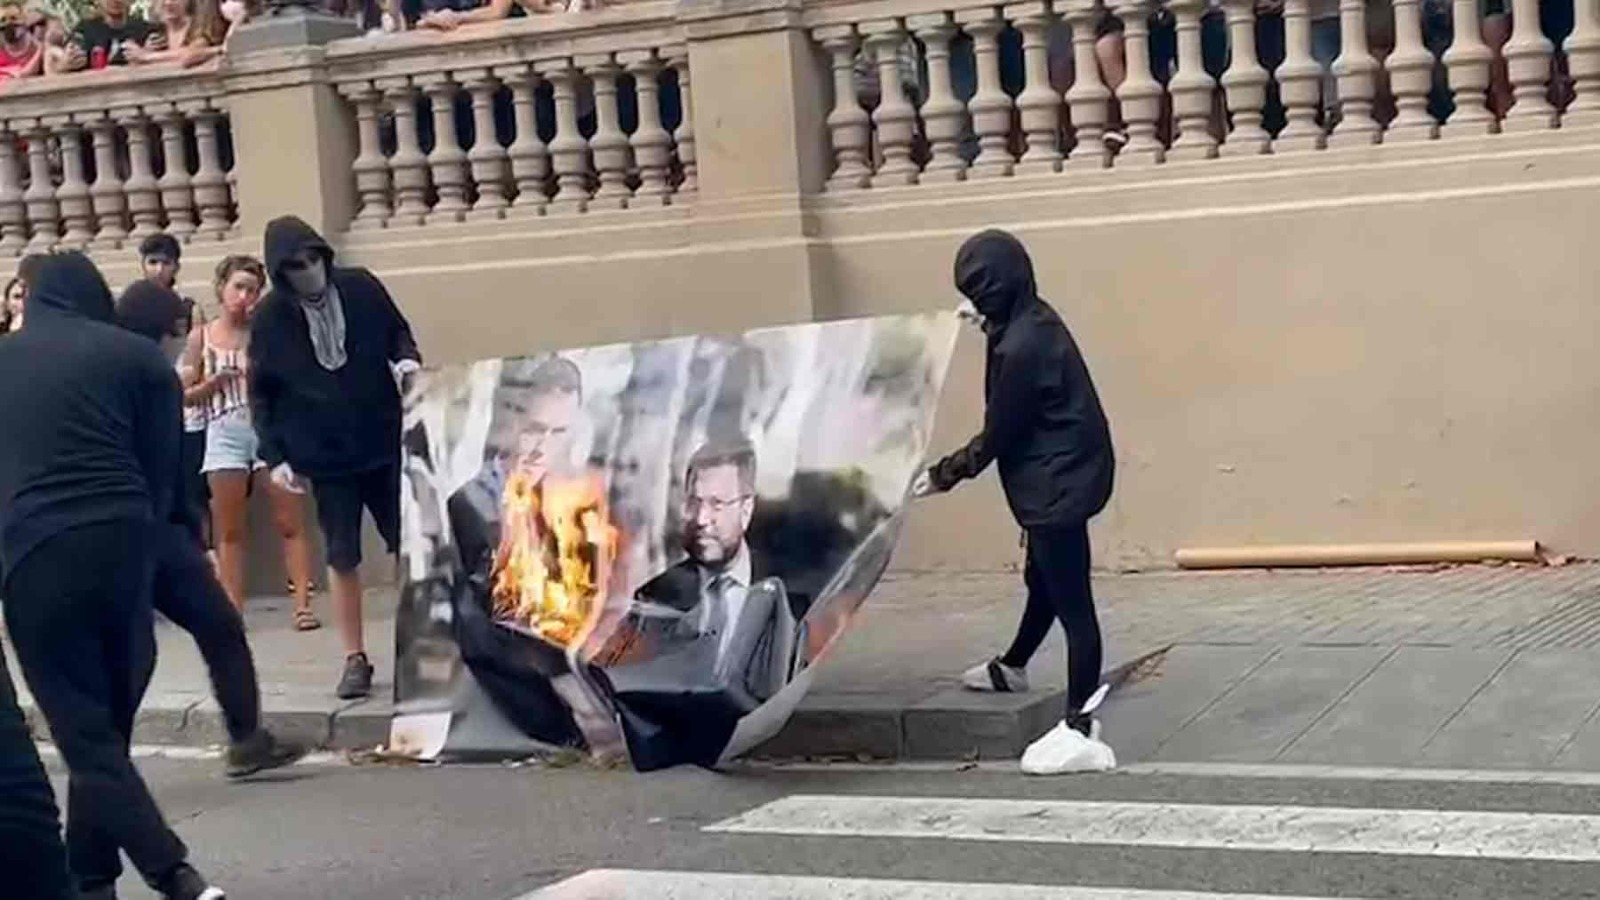 Queman una foto de Aragonès y Sánchez en la manifestación de la Izquierda Independentista.